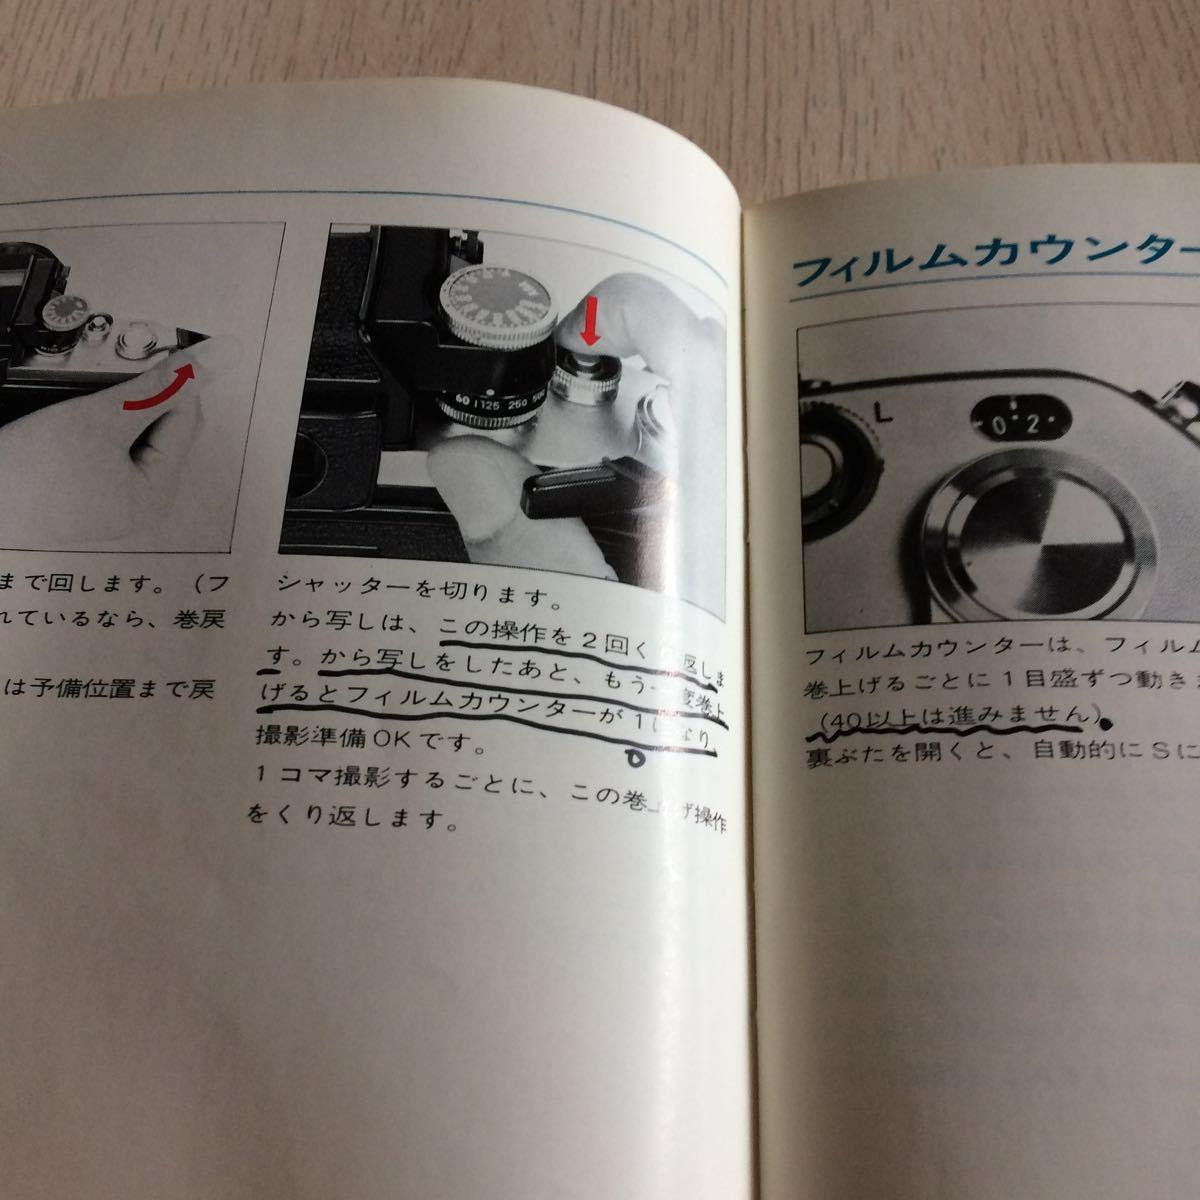 ニコン Nikon F2 取扱説明書 Nikonスピードライト_画像5